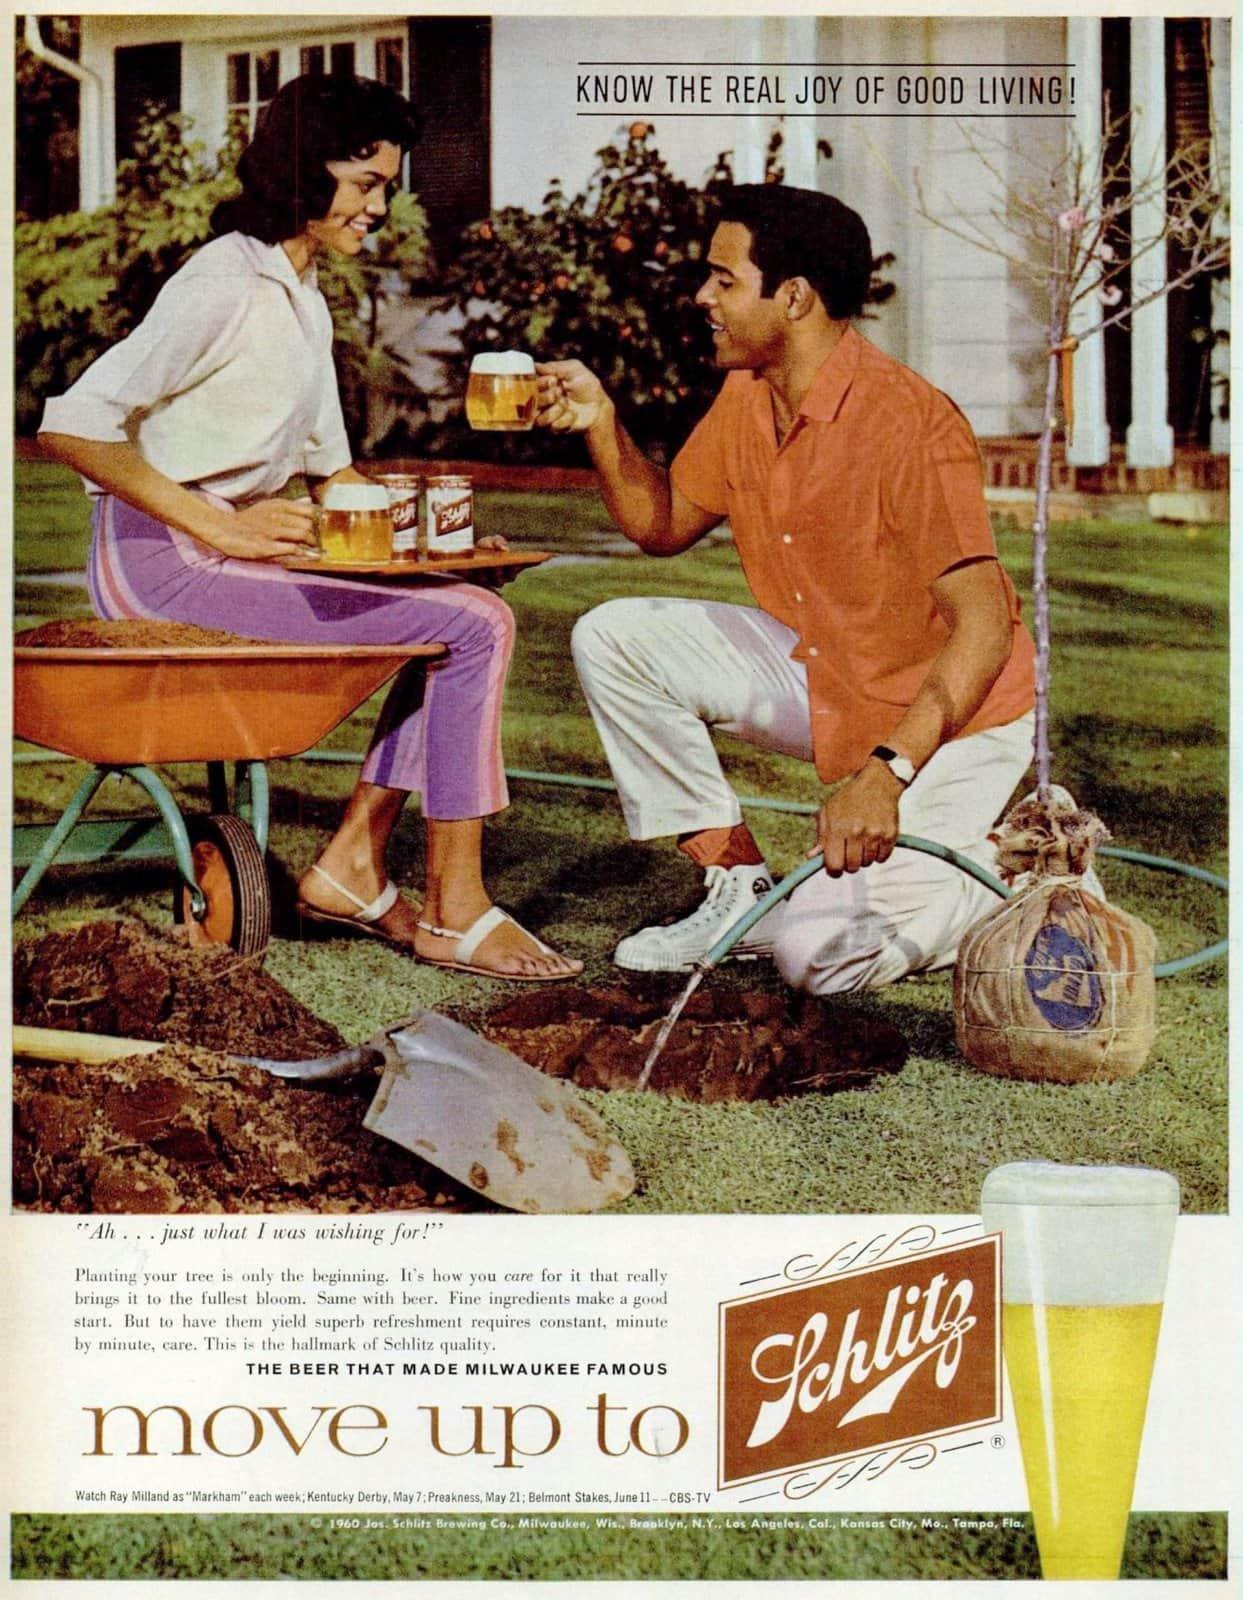 Move up to Schlitz beer (1960)